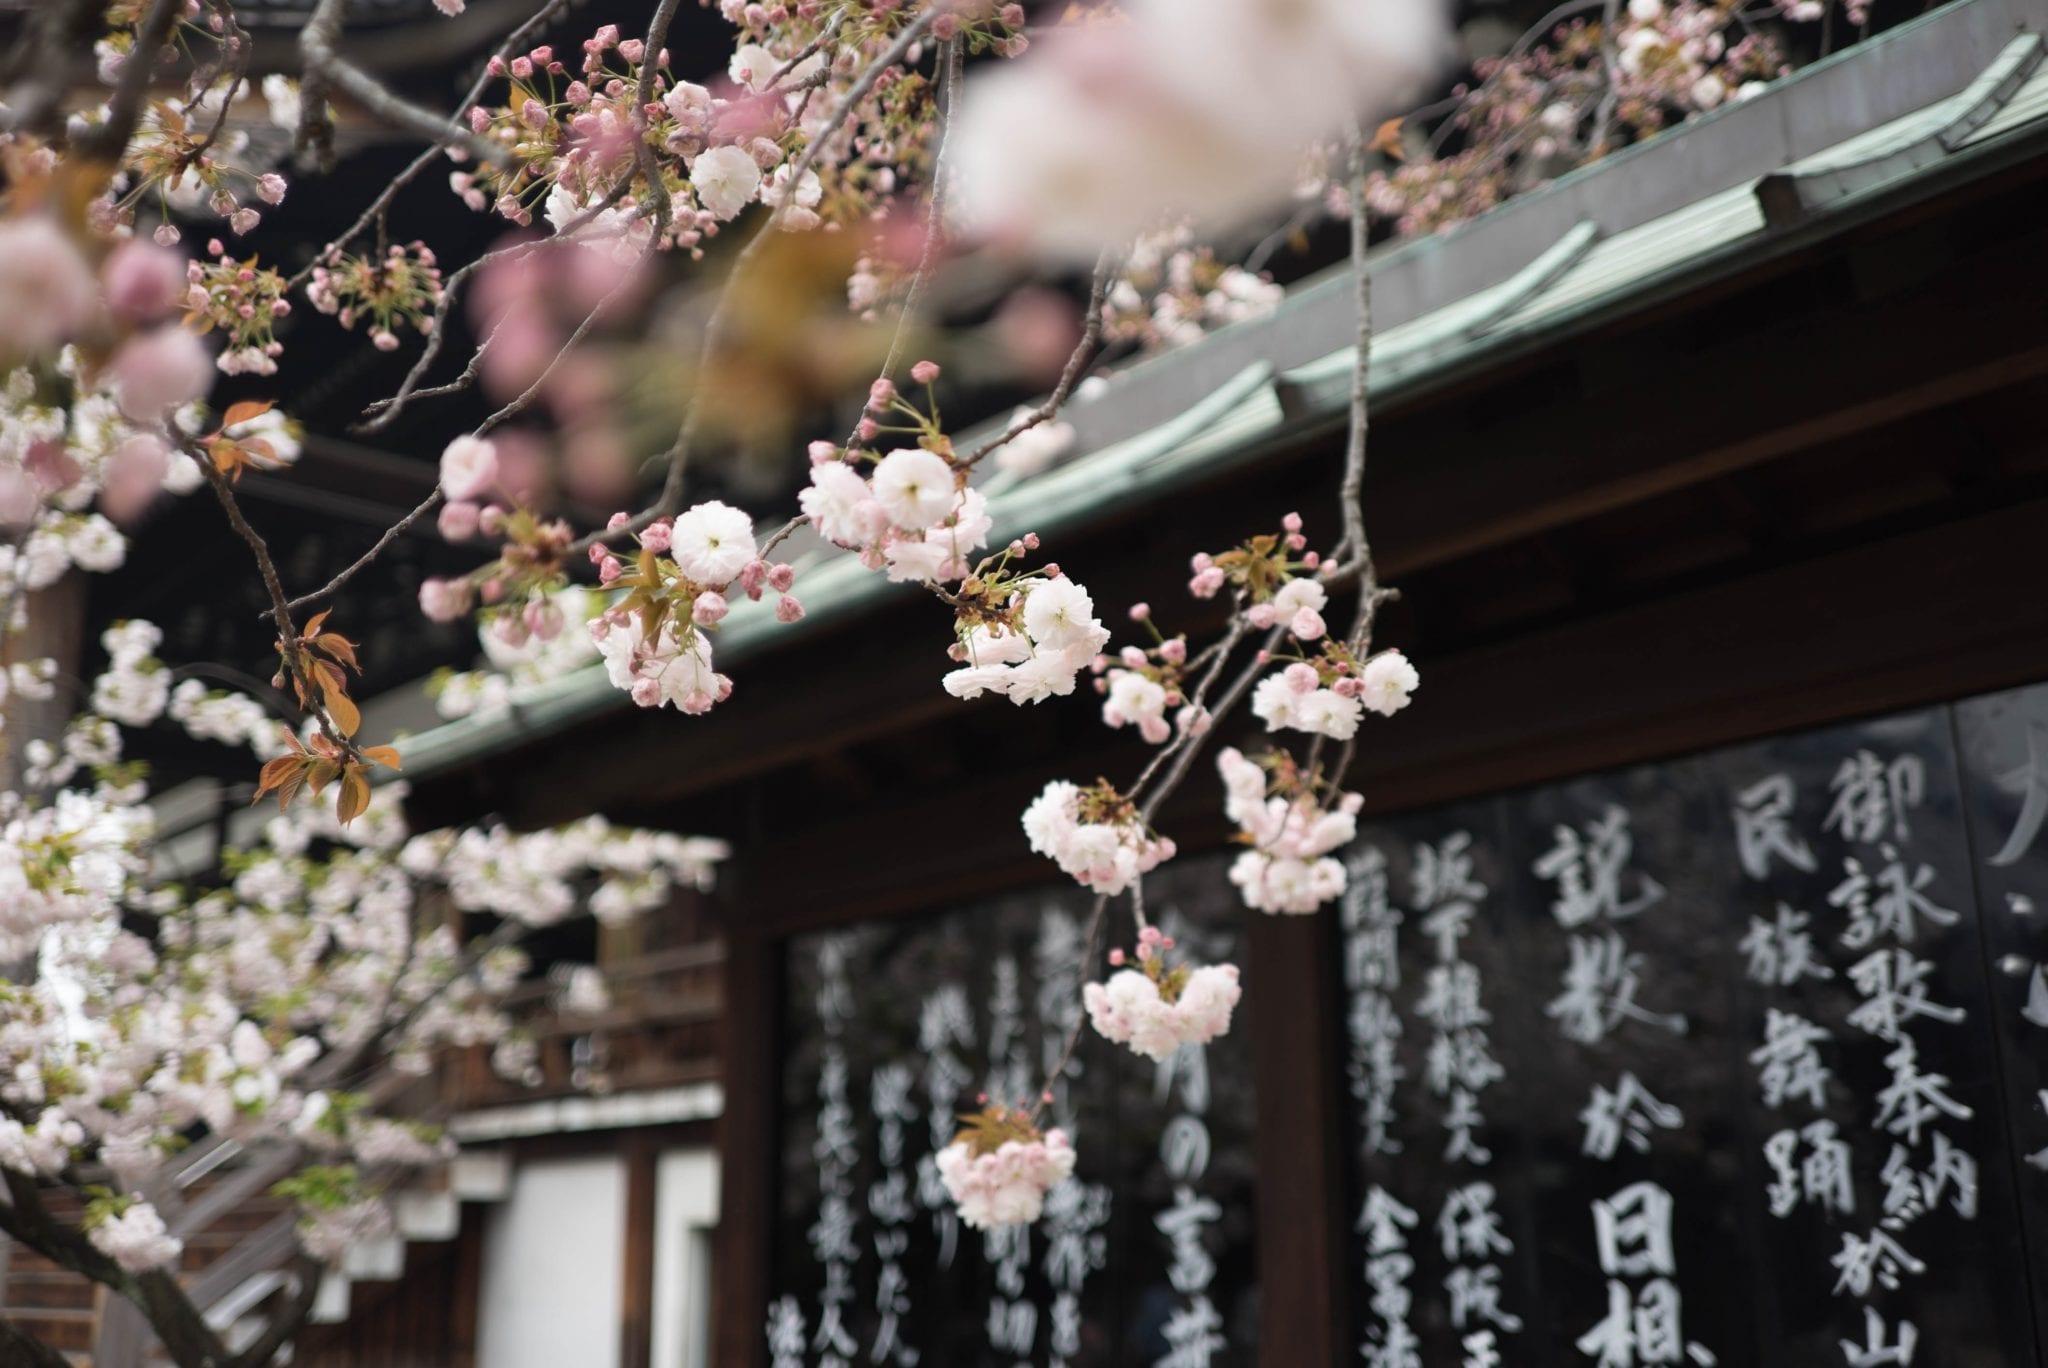 ฤดูใบไม้ผลิ ญี่ปุ่น เที่ยวญี่ปุ่น ซากุระ ฤดูในญี่ปุ่น